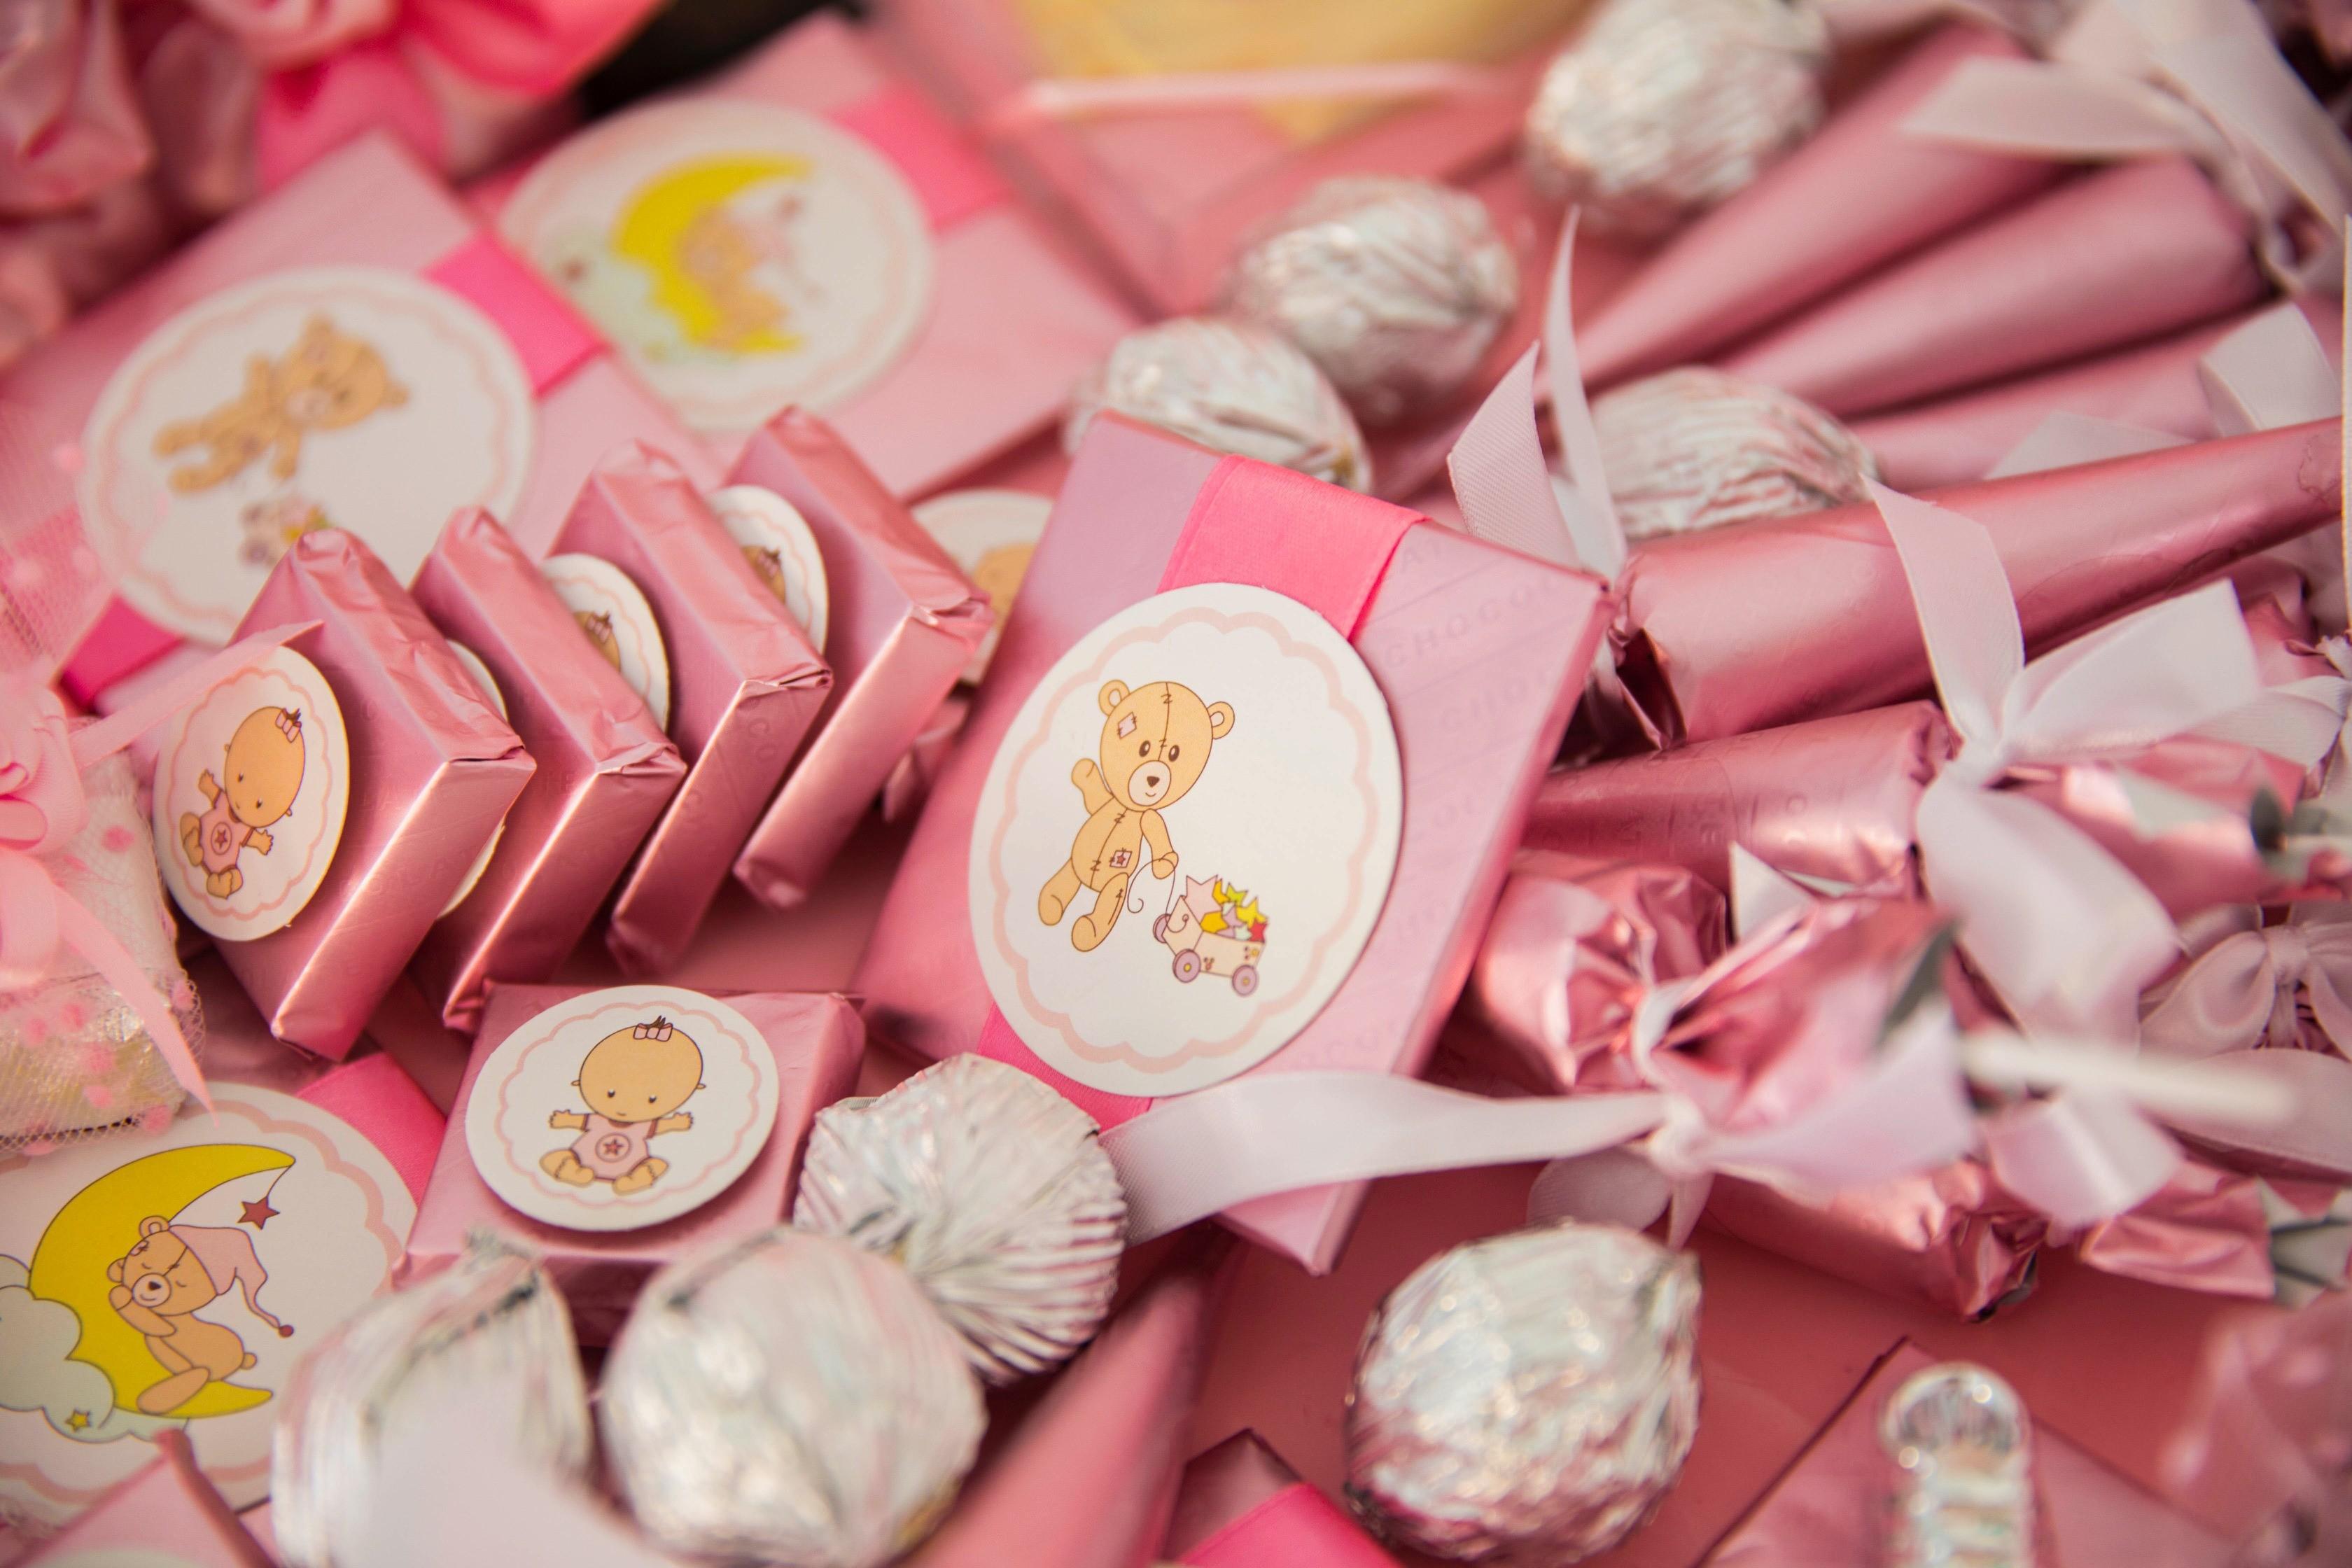 В тренде и в шоколаде: вкусные и полезные сладкие столы «Конфаэль»